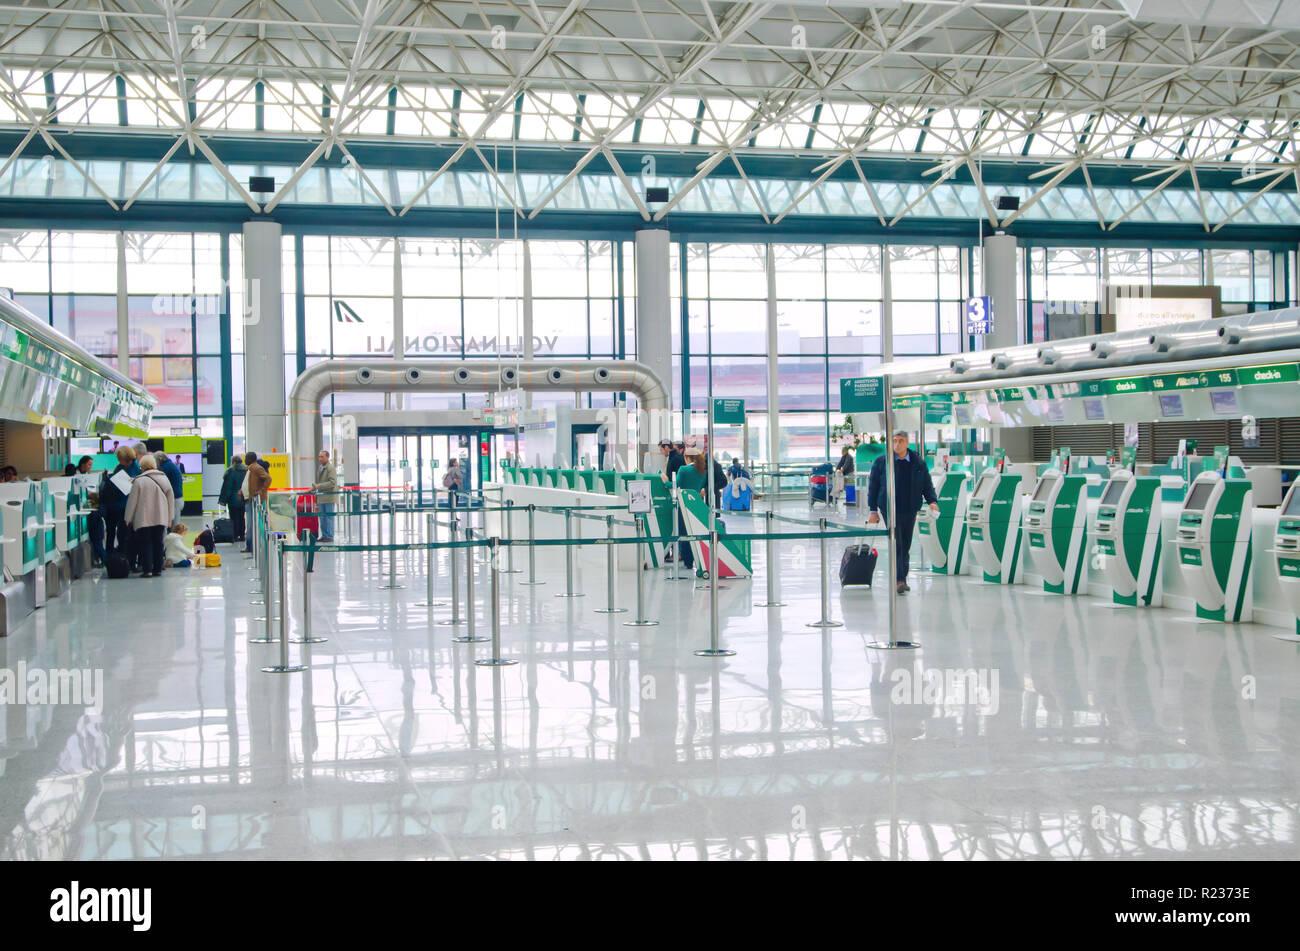 FCO Rome Fiumicino Leonardo da Vinci airport terminal interiors - Stock Image